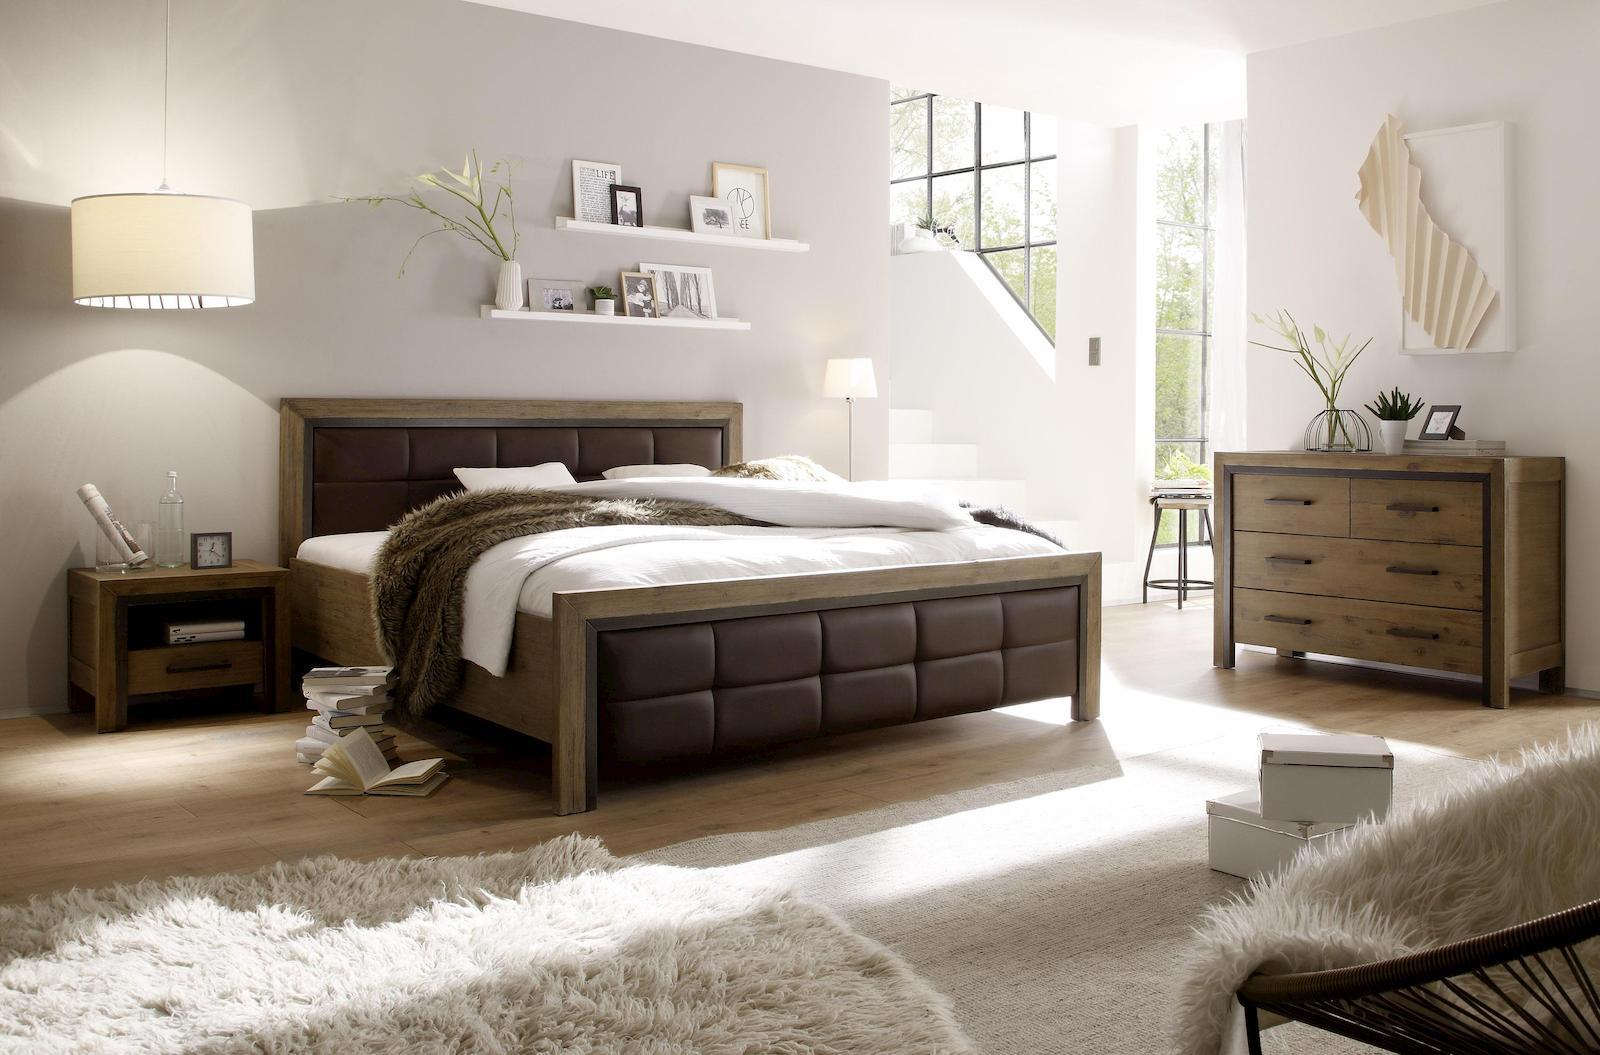 cinque schlafzimmer schlafzimmerset set massiv akazie ebay. Black Bedroom Furniture Sets. Home Design Ideas